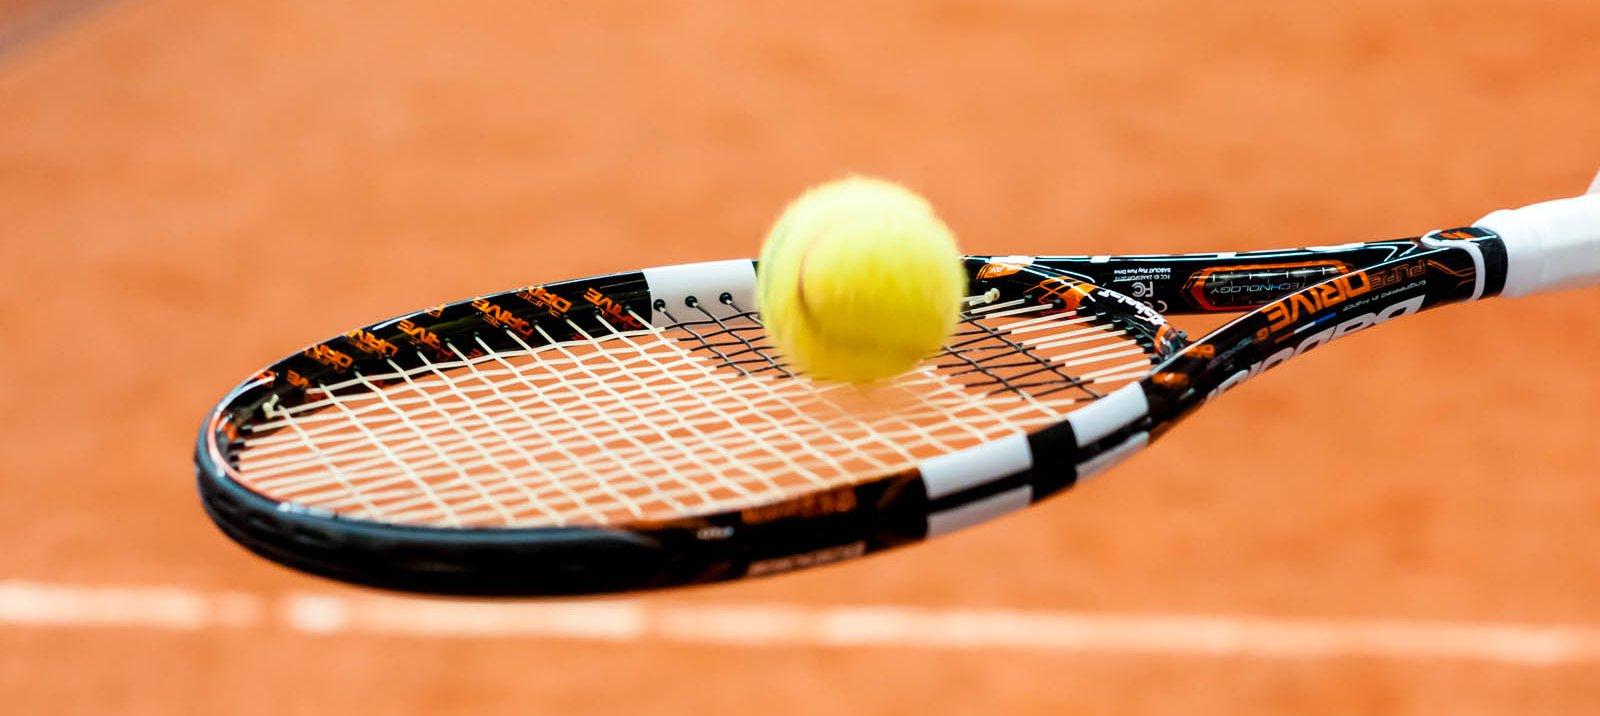 [Tennis] Babolat Play Pure Drive : la raquette connectée